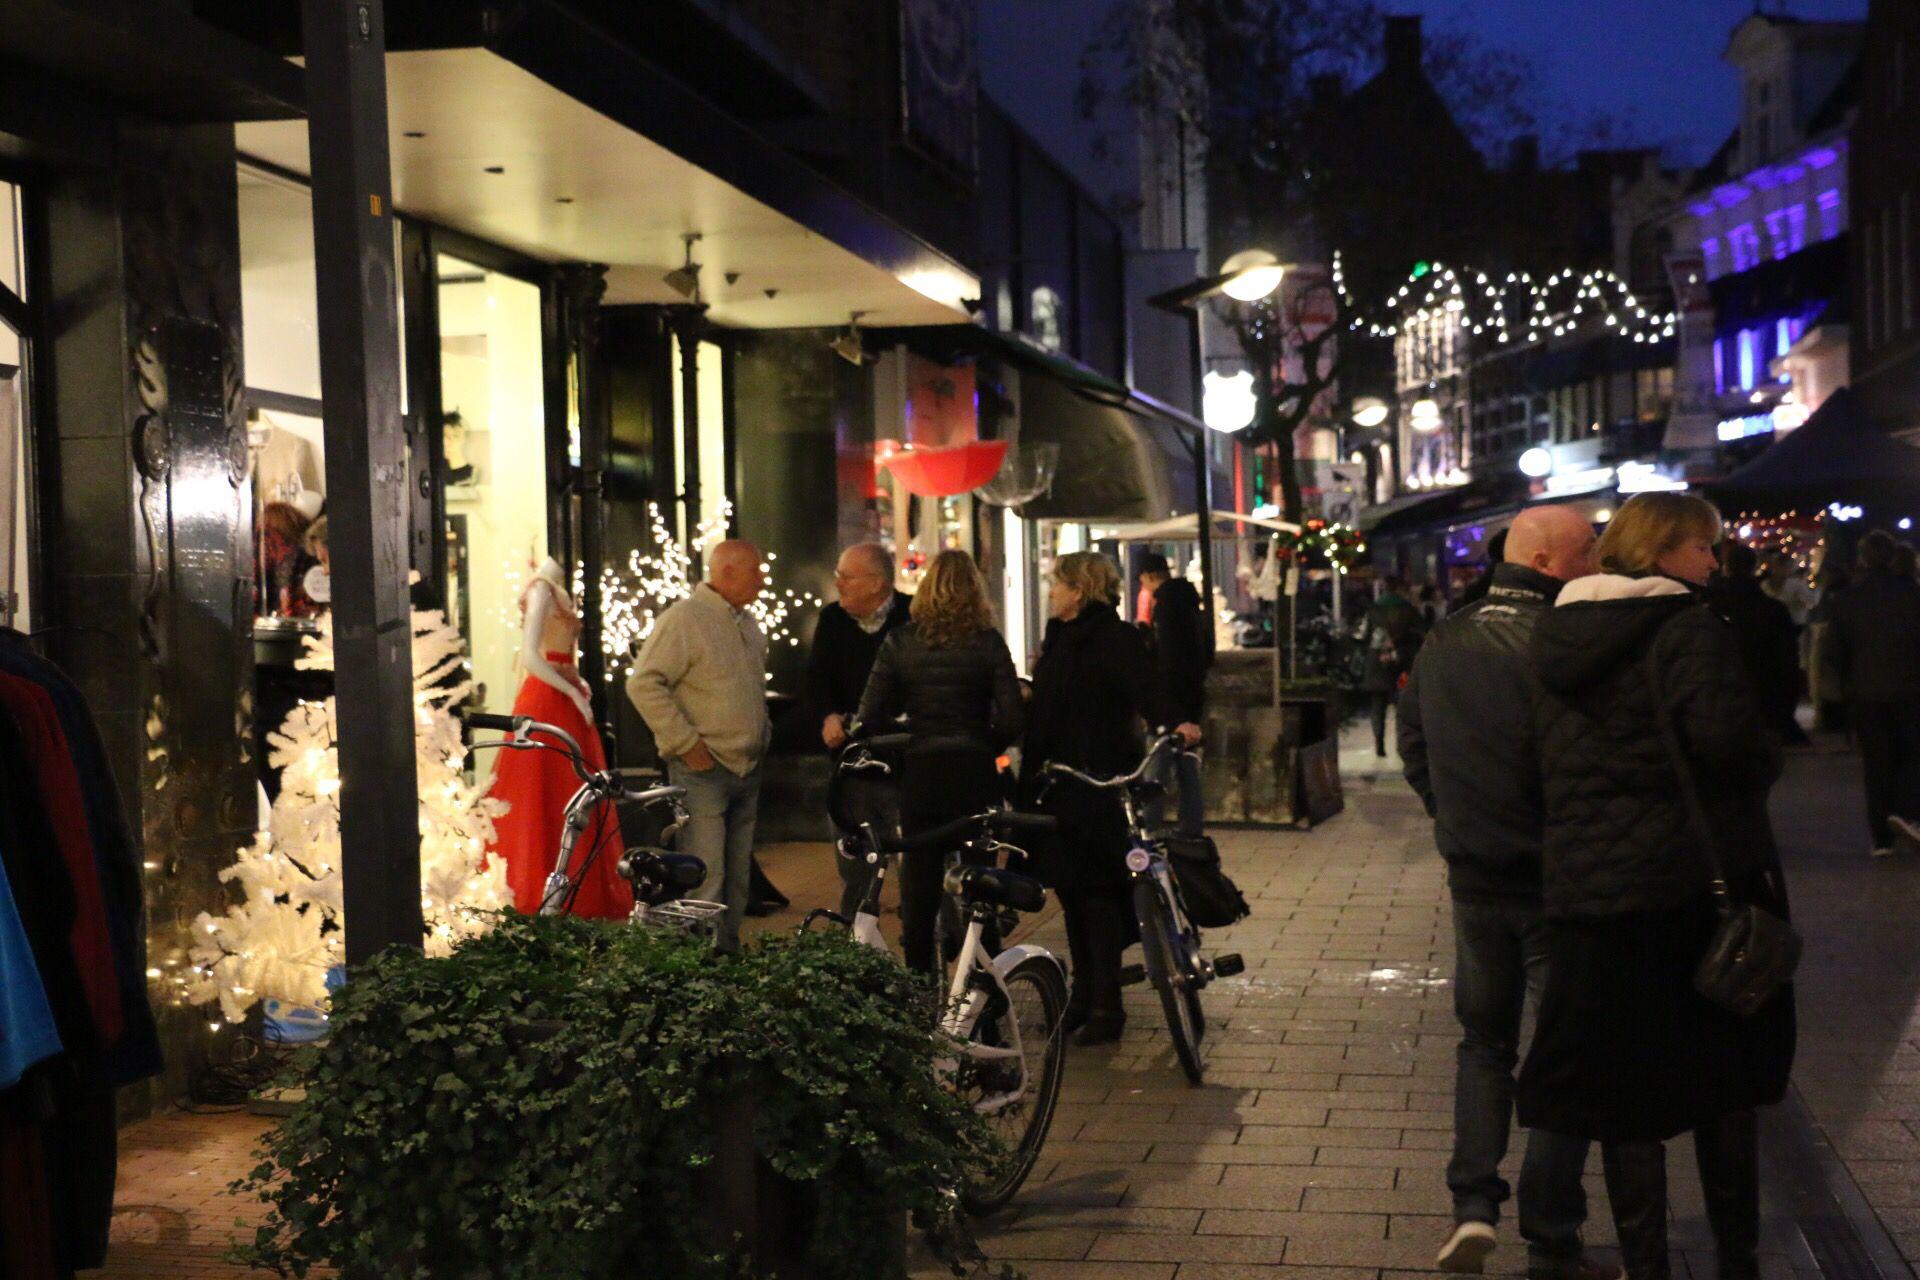 Afbeeldingsresultaat voor Kerstmarkt Haverstraatpassage